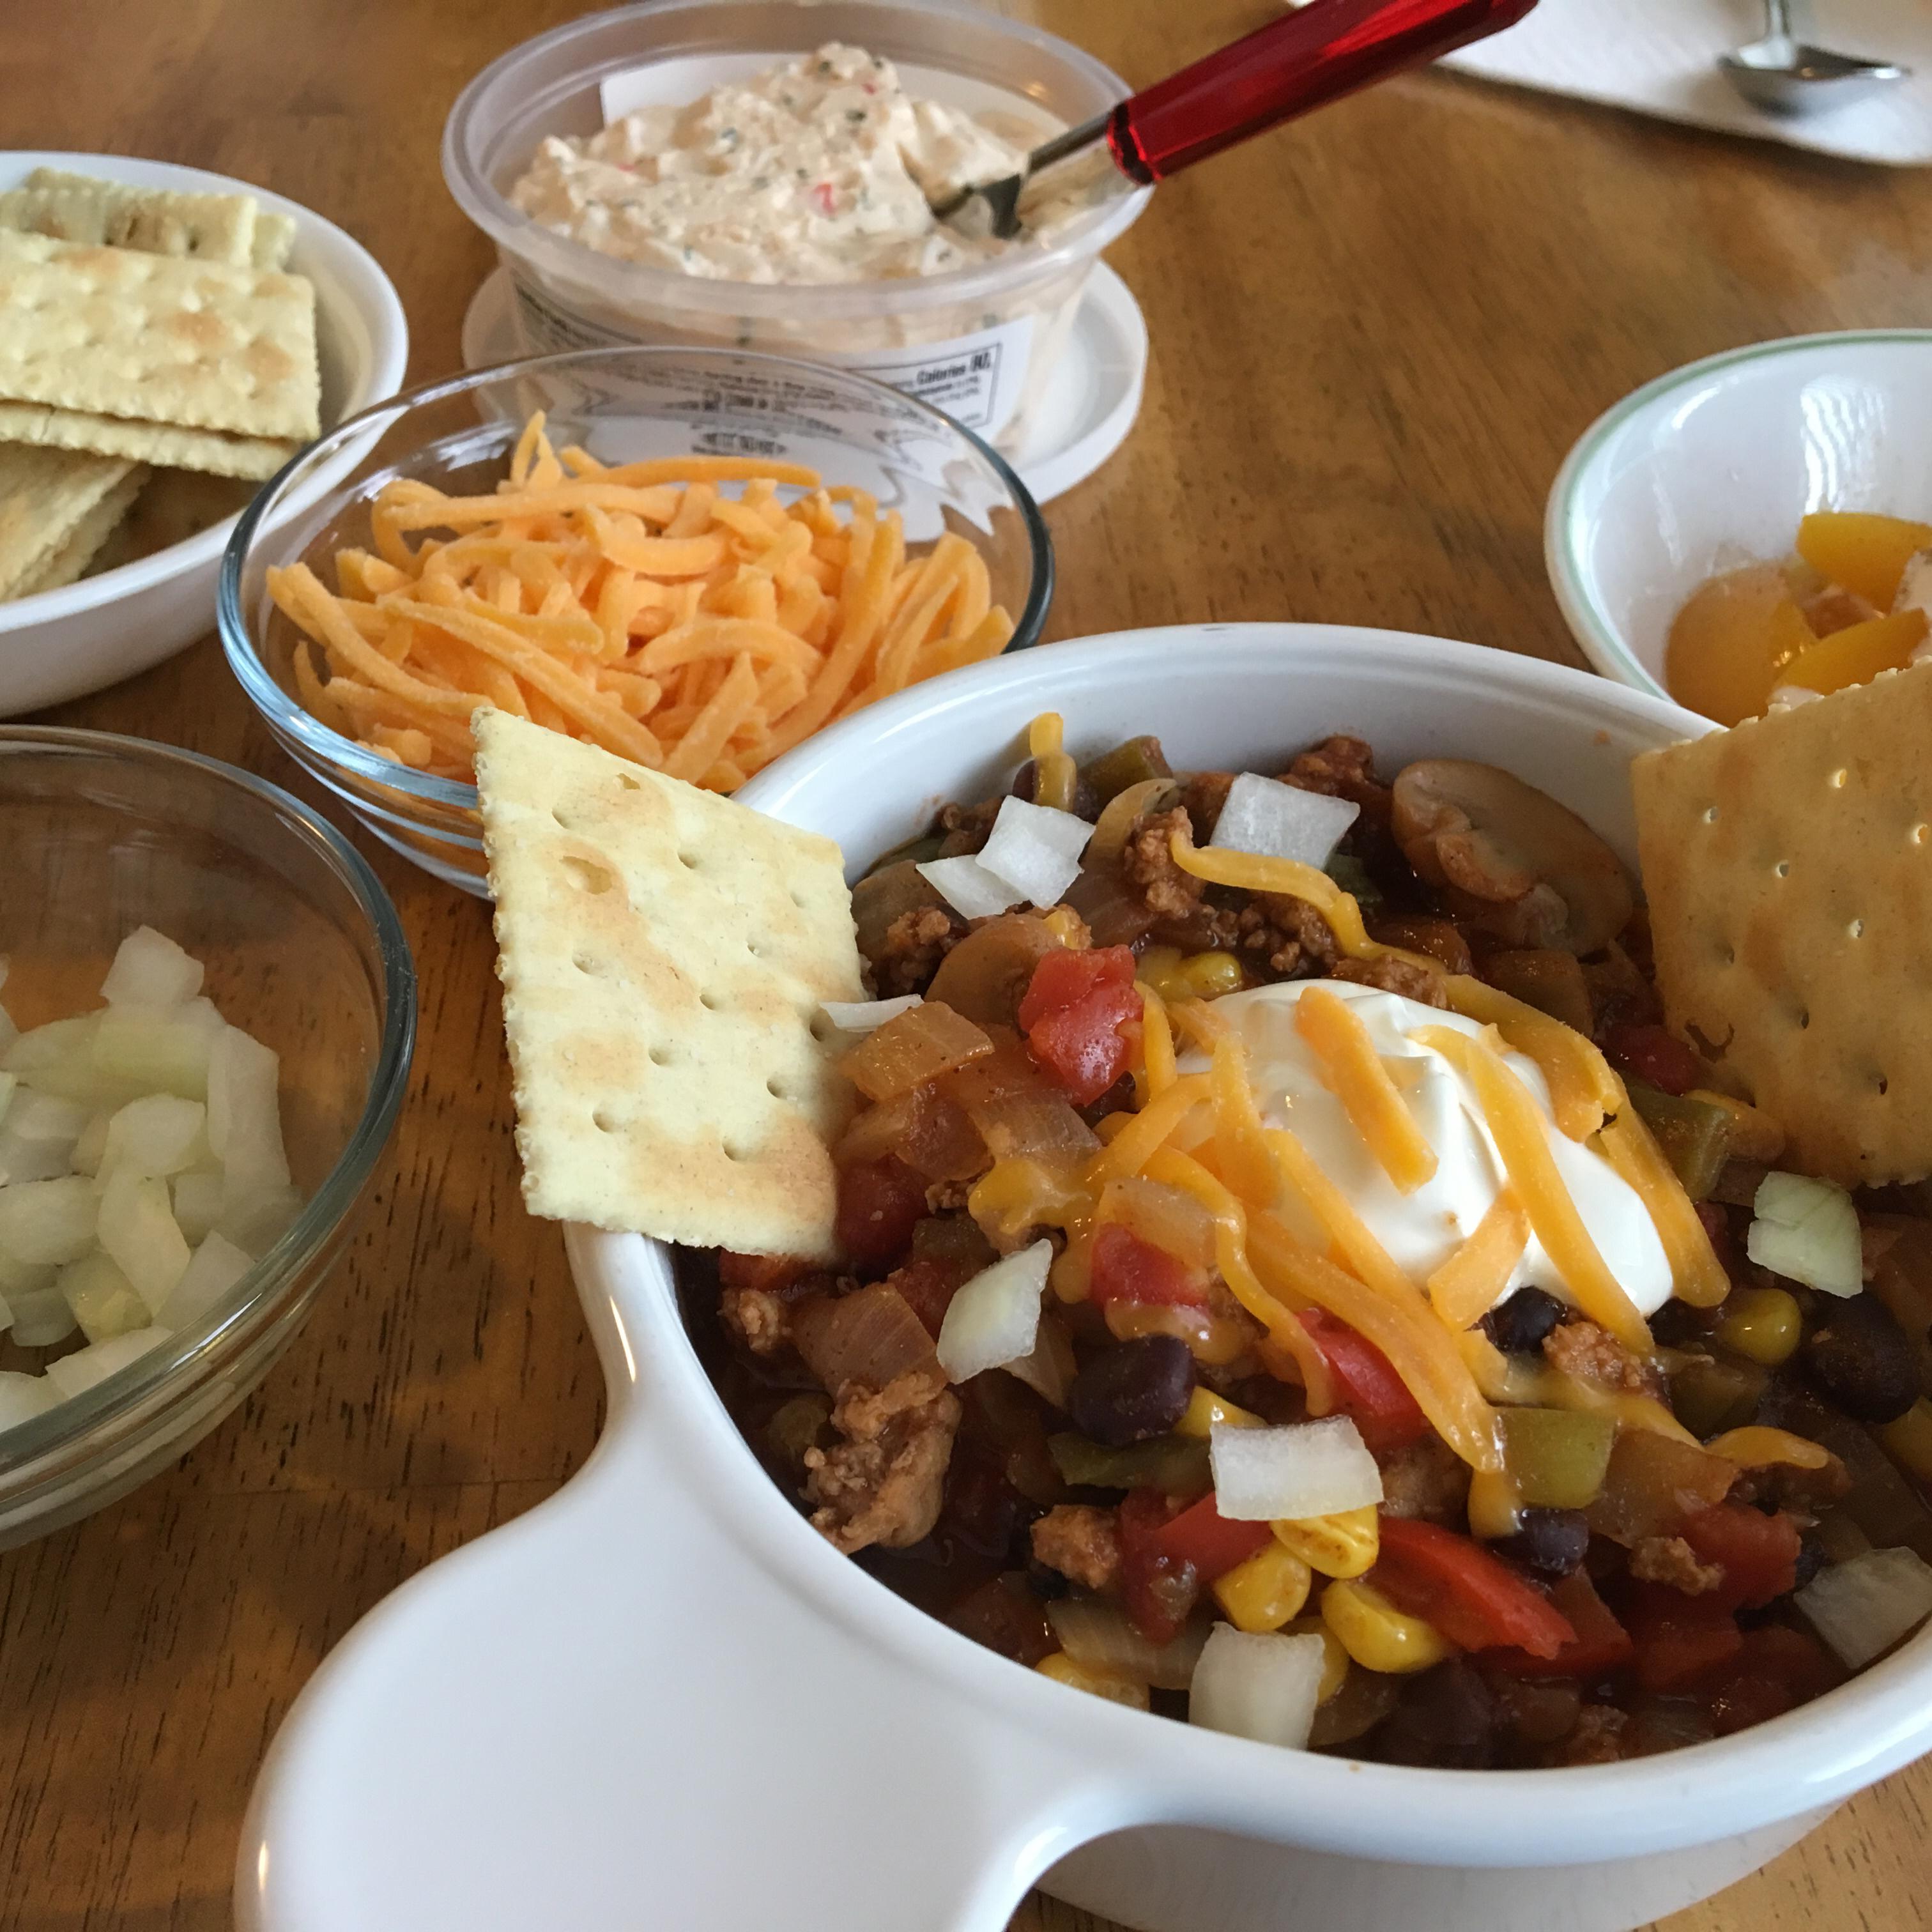 Chili with Ground Pork mamaza